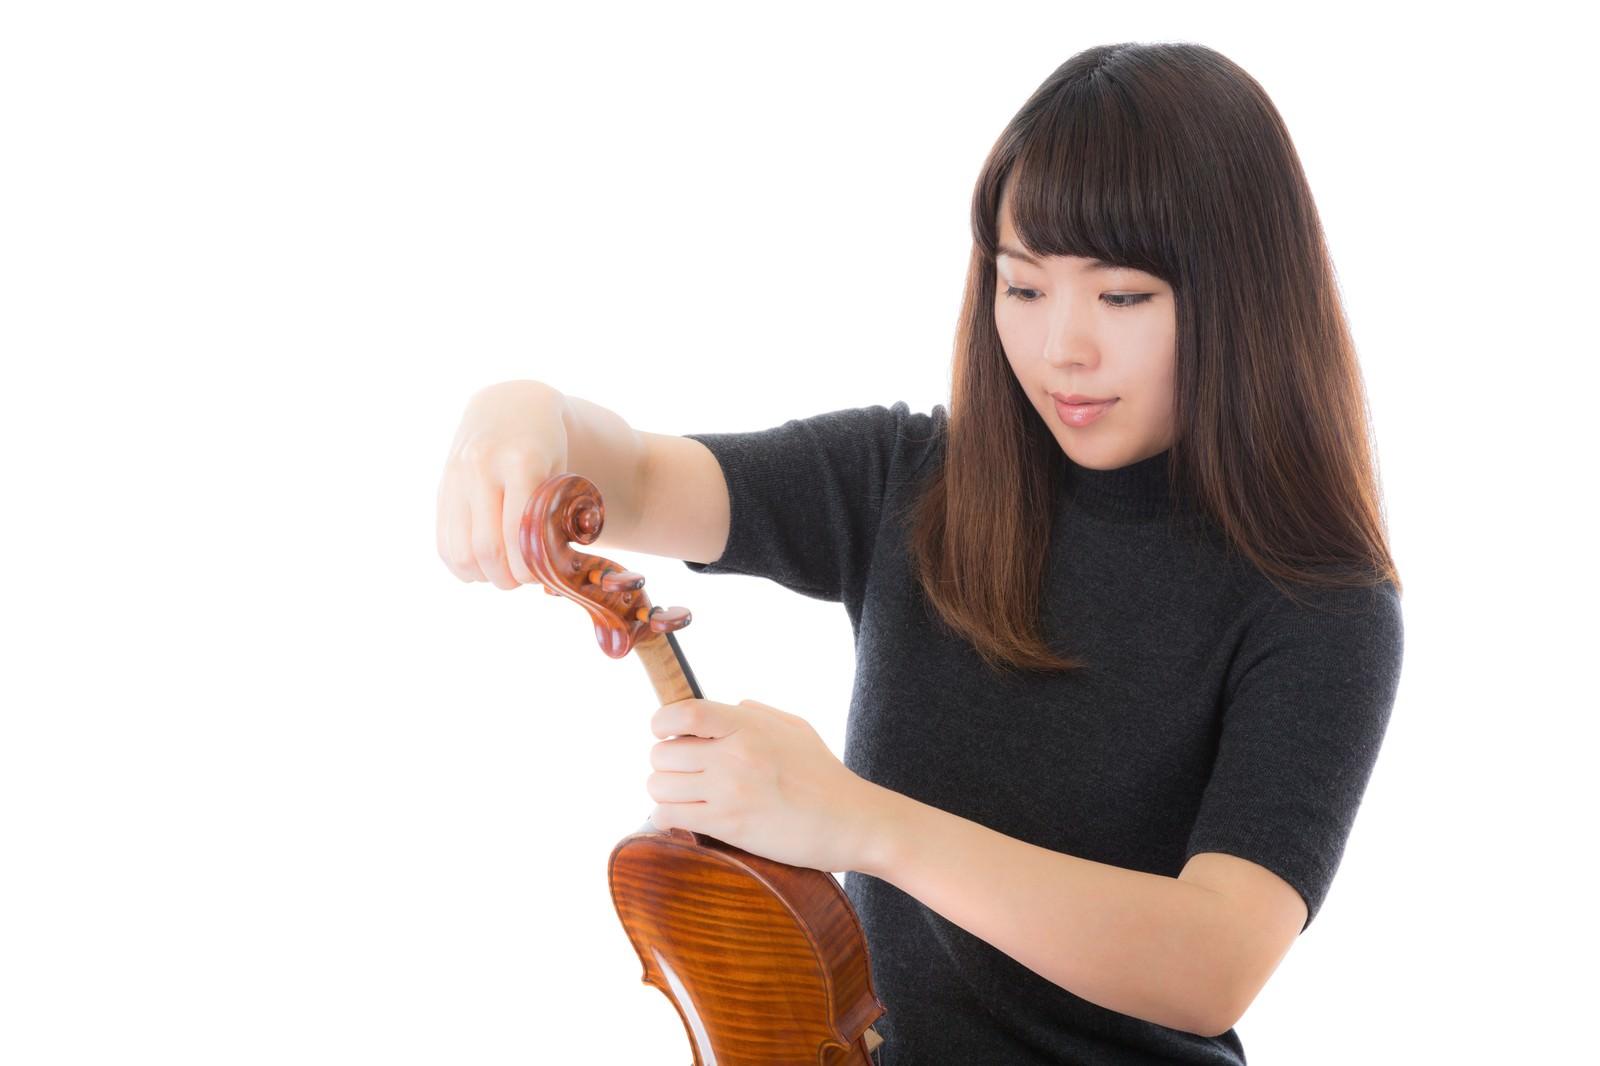 「ヴァイオリンの弦を張り替える女性」の写真[モデル:yukiko]